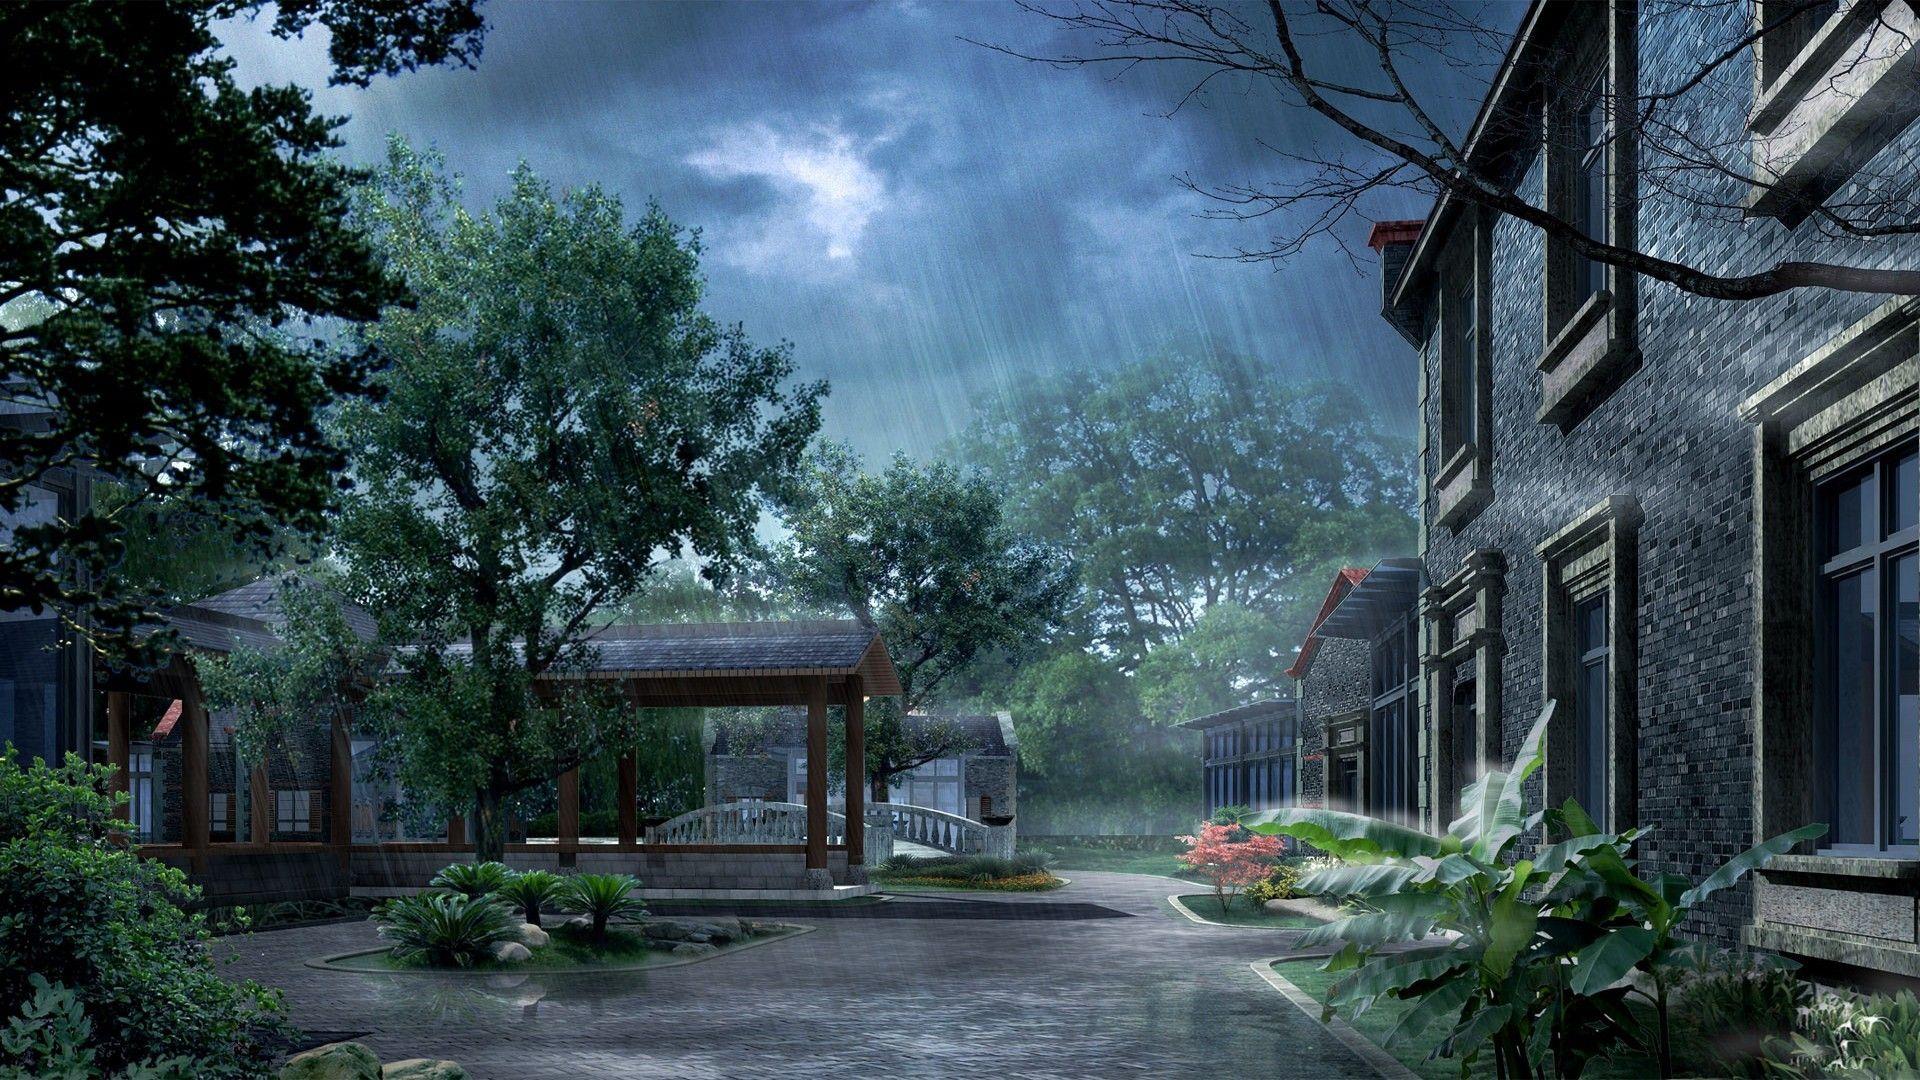 rain | wallpaper, house, rain - 661304 | so many raindrops